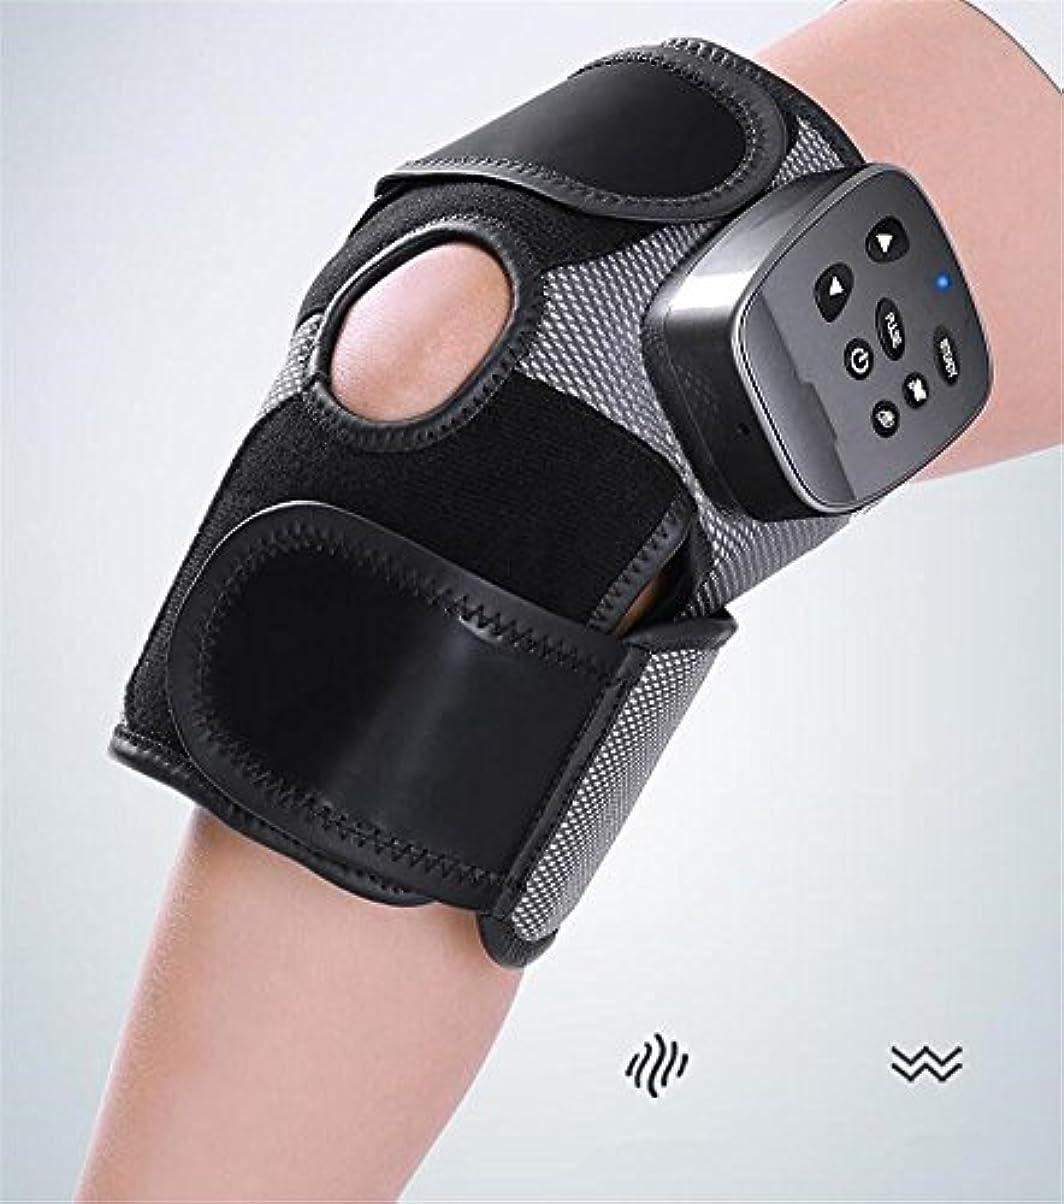 銛火傷四分円ELEGENCE-Z膝の痛みのためのベストひざ掛けメリディアンジョイントヘルスケア理学療法器感謝祭Xmasハイエンドのギフト